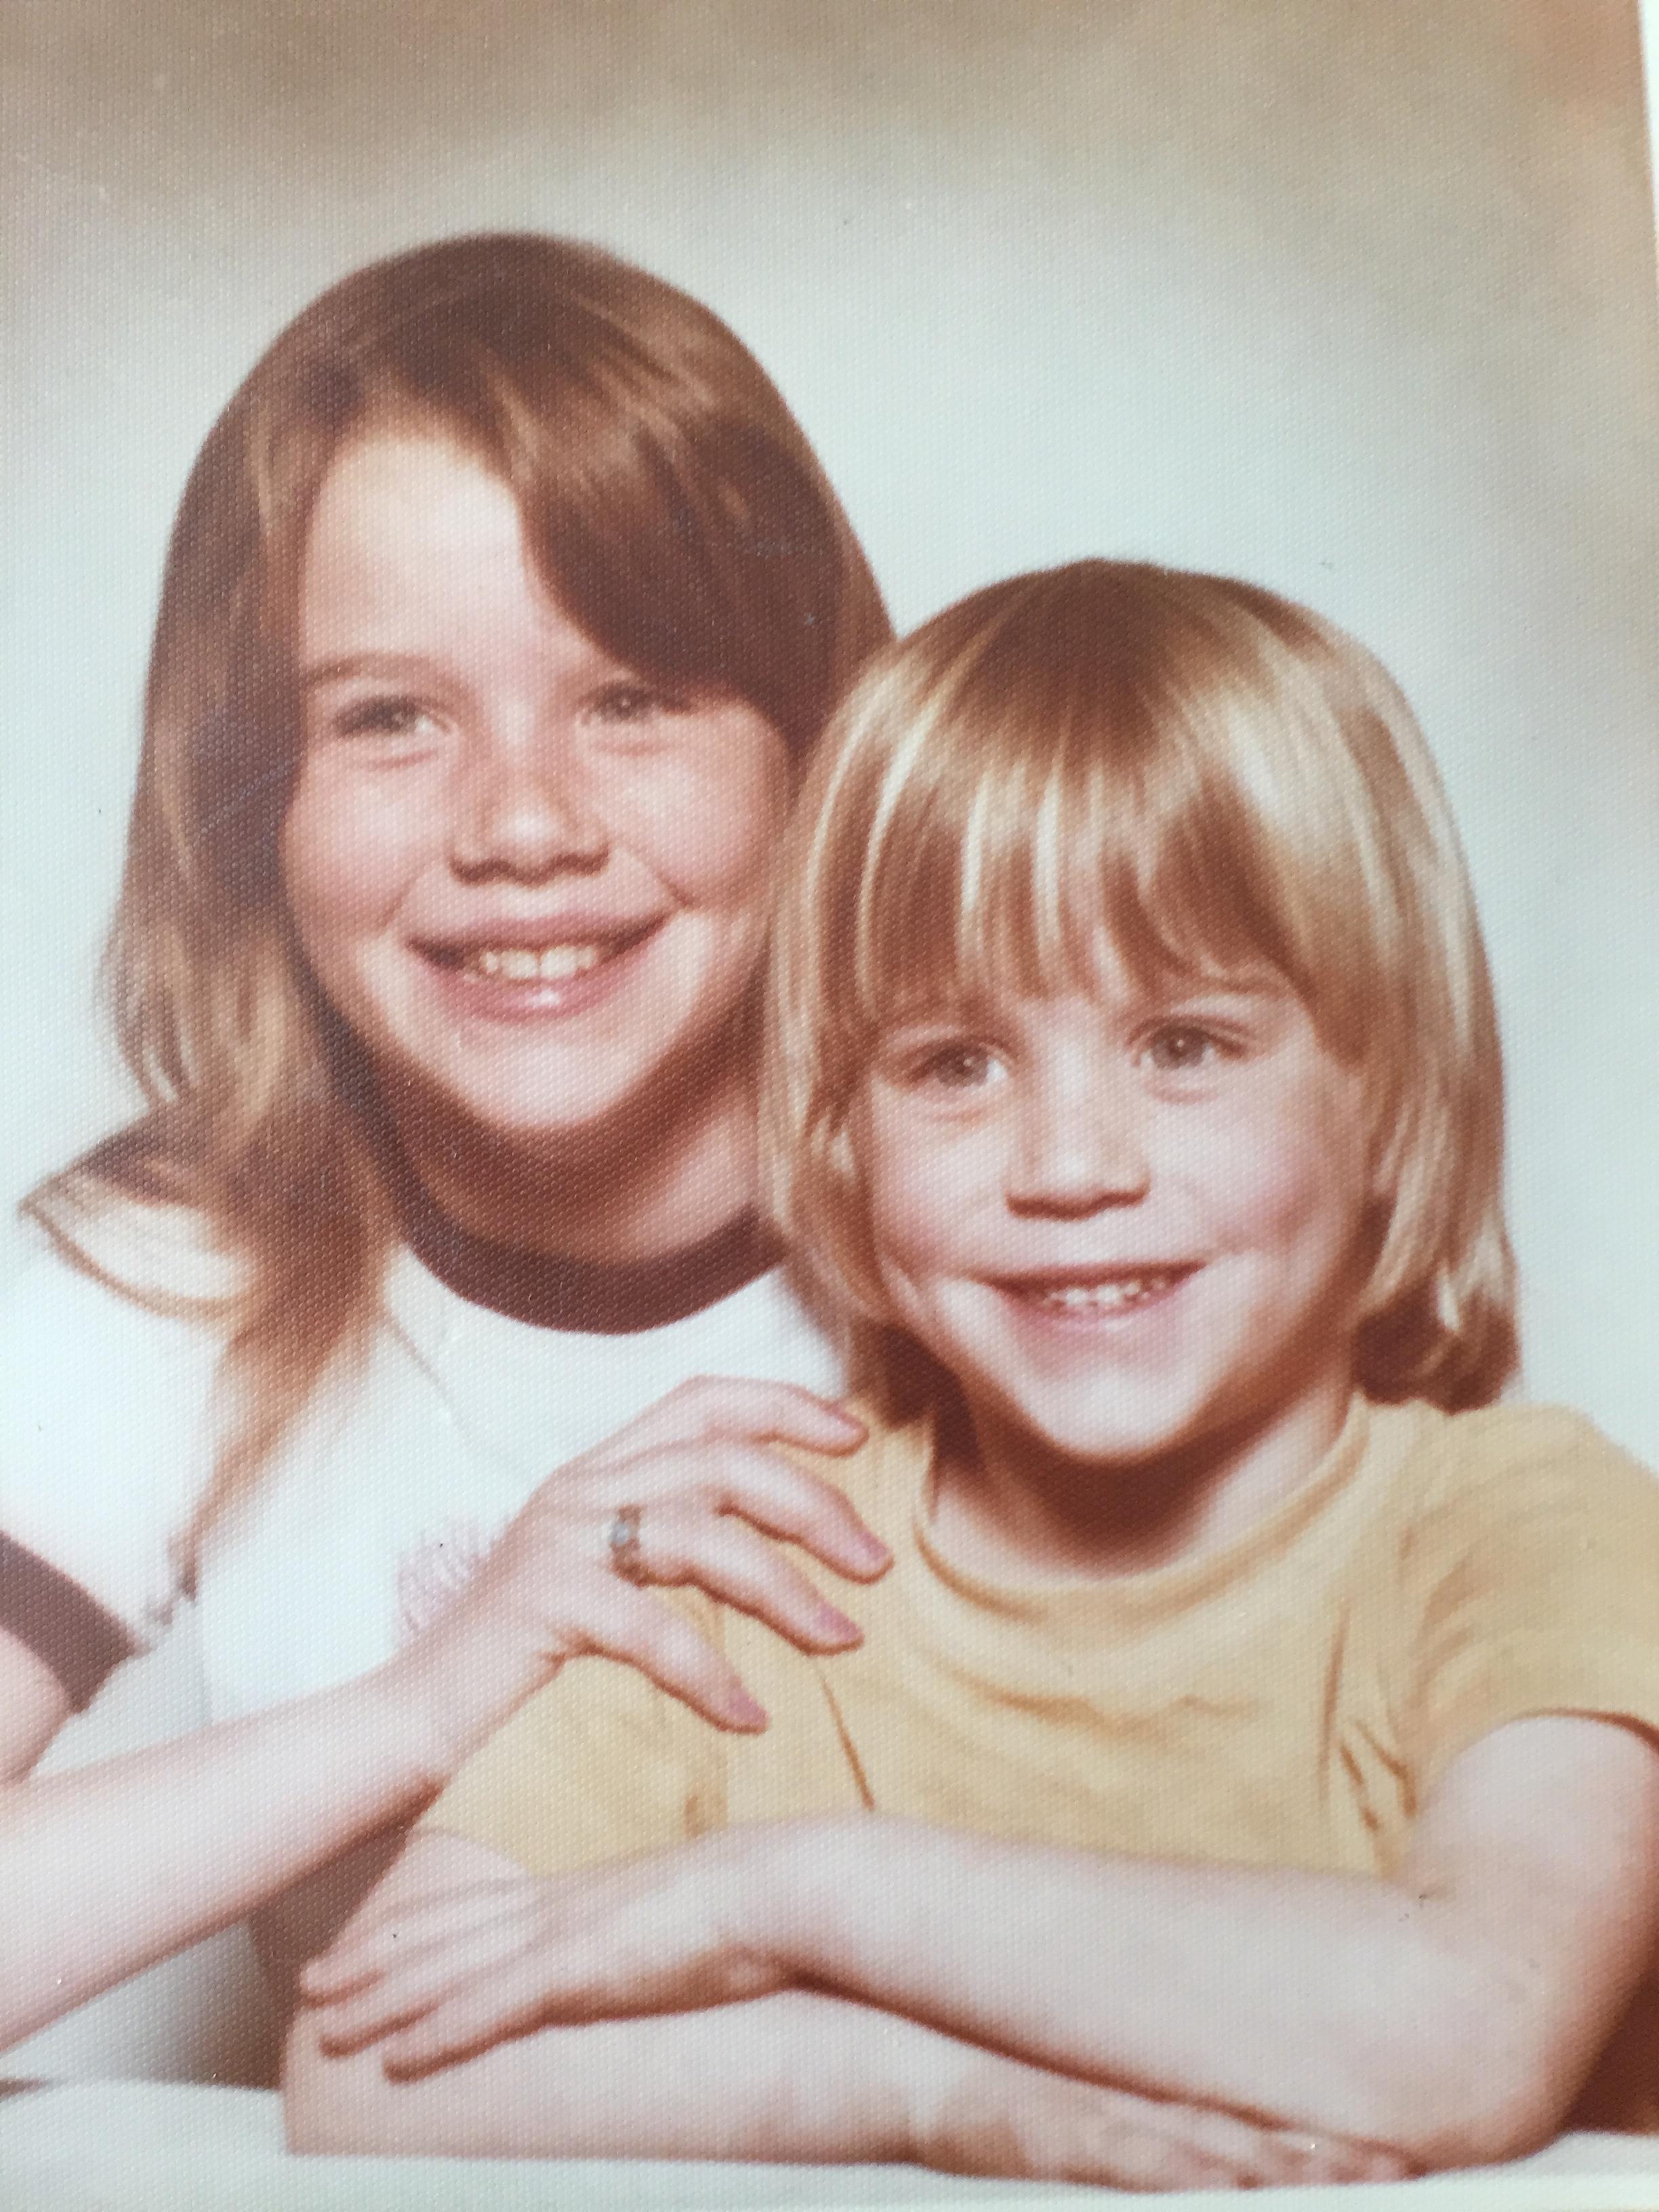 retro 70's siblings photograph